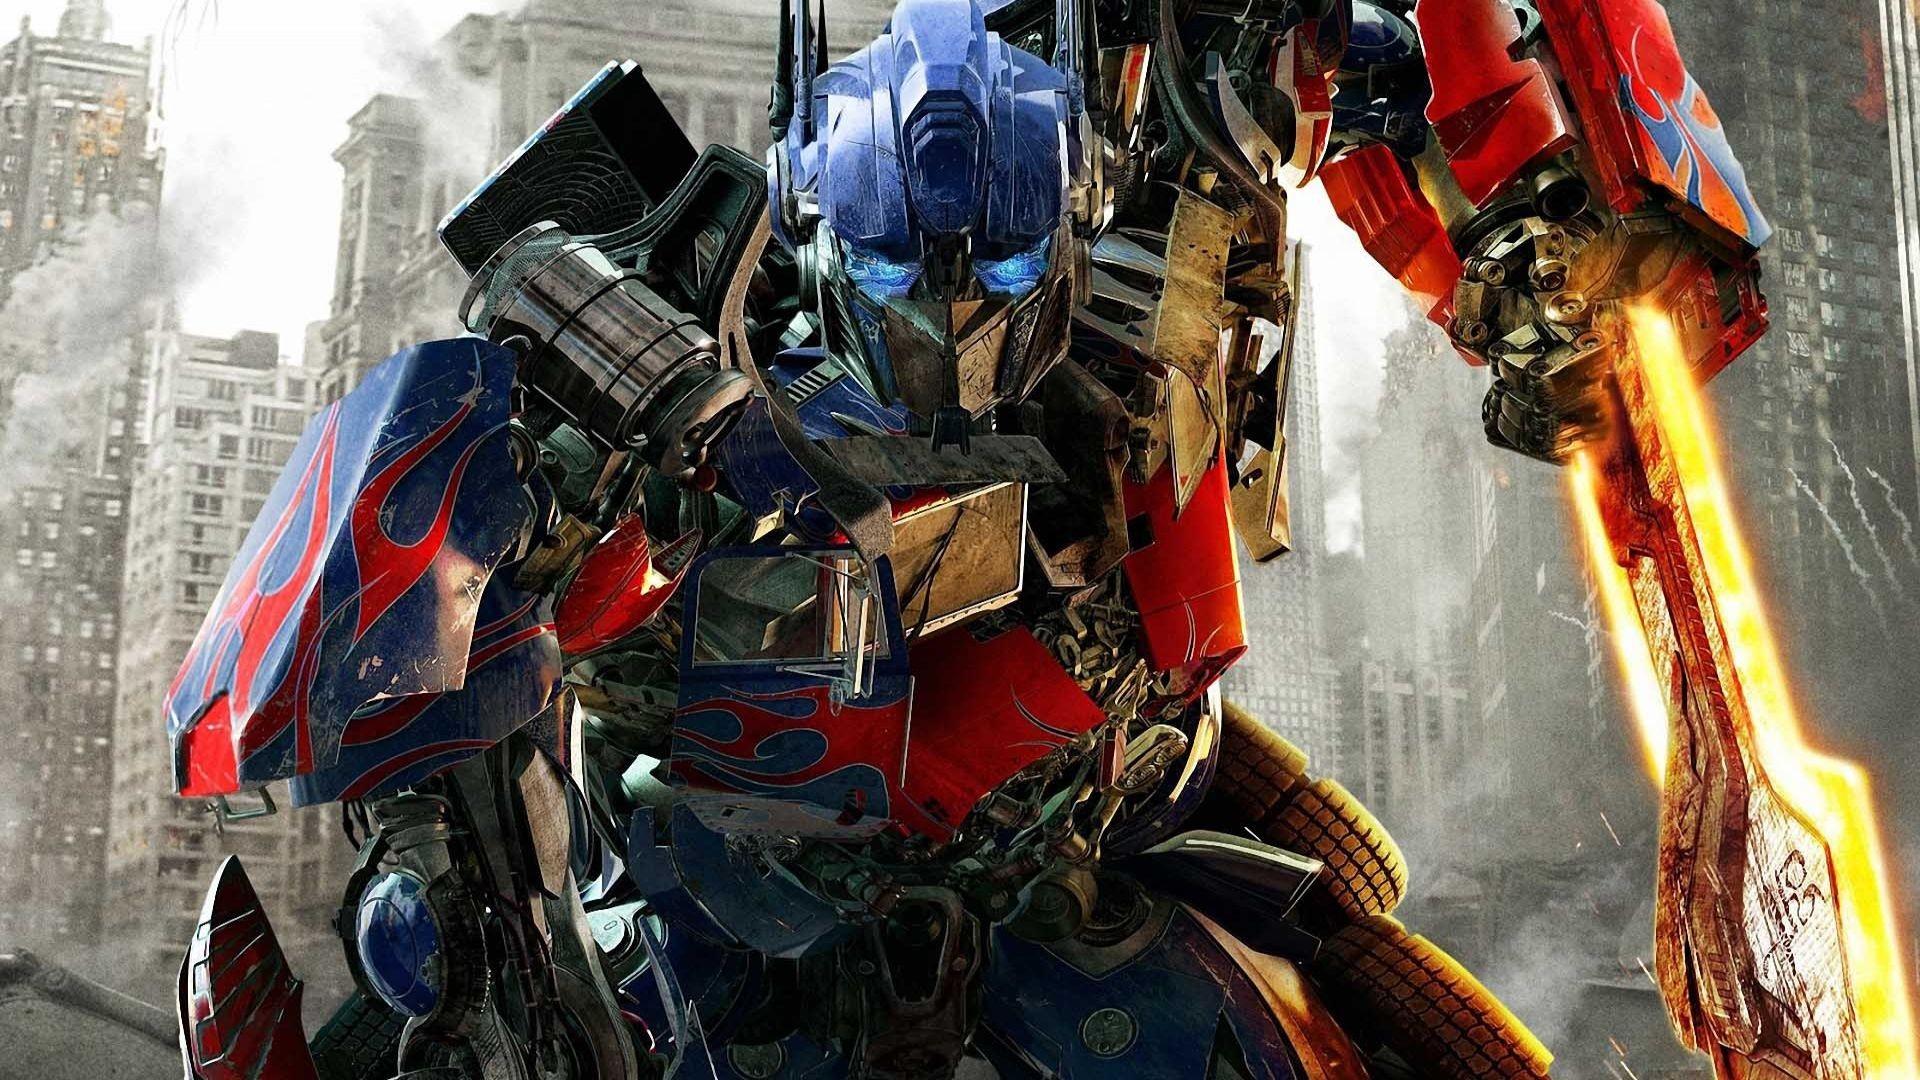 Transformers Desktop Backgrounds   Wallpaper High Definition High 1920x1080